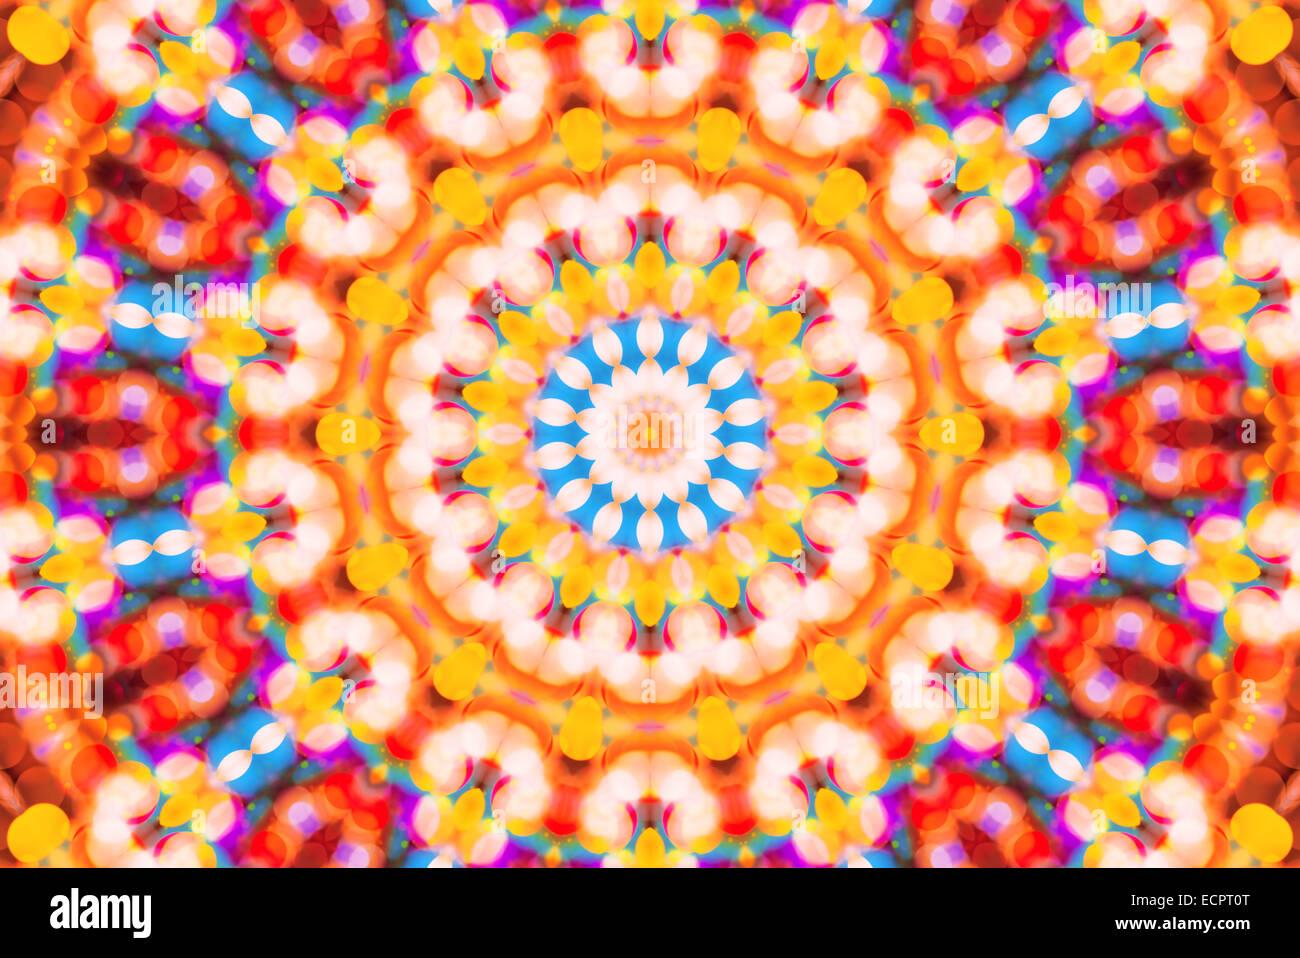 Bella colorata defocalizzata bokeh luci festive a caleidoscopio come astratta celebrazione vacanze sfondo Immagini Stock